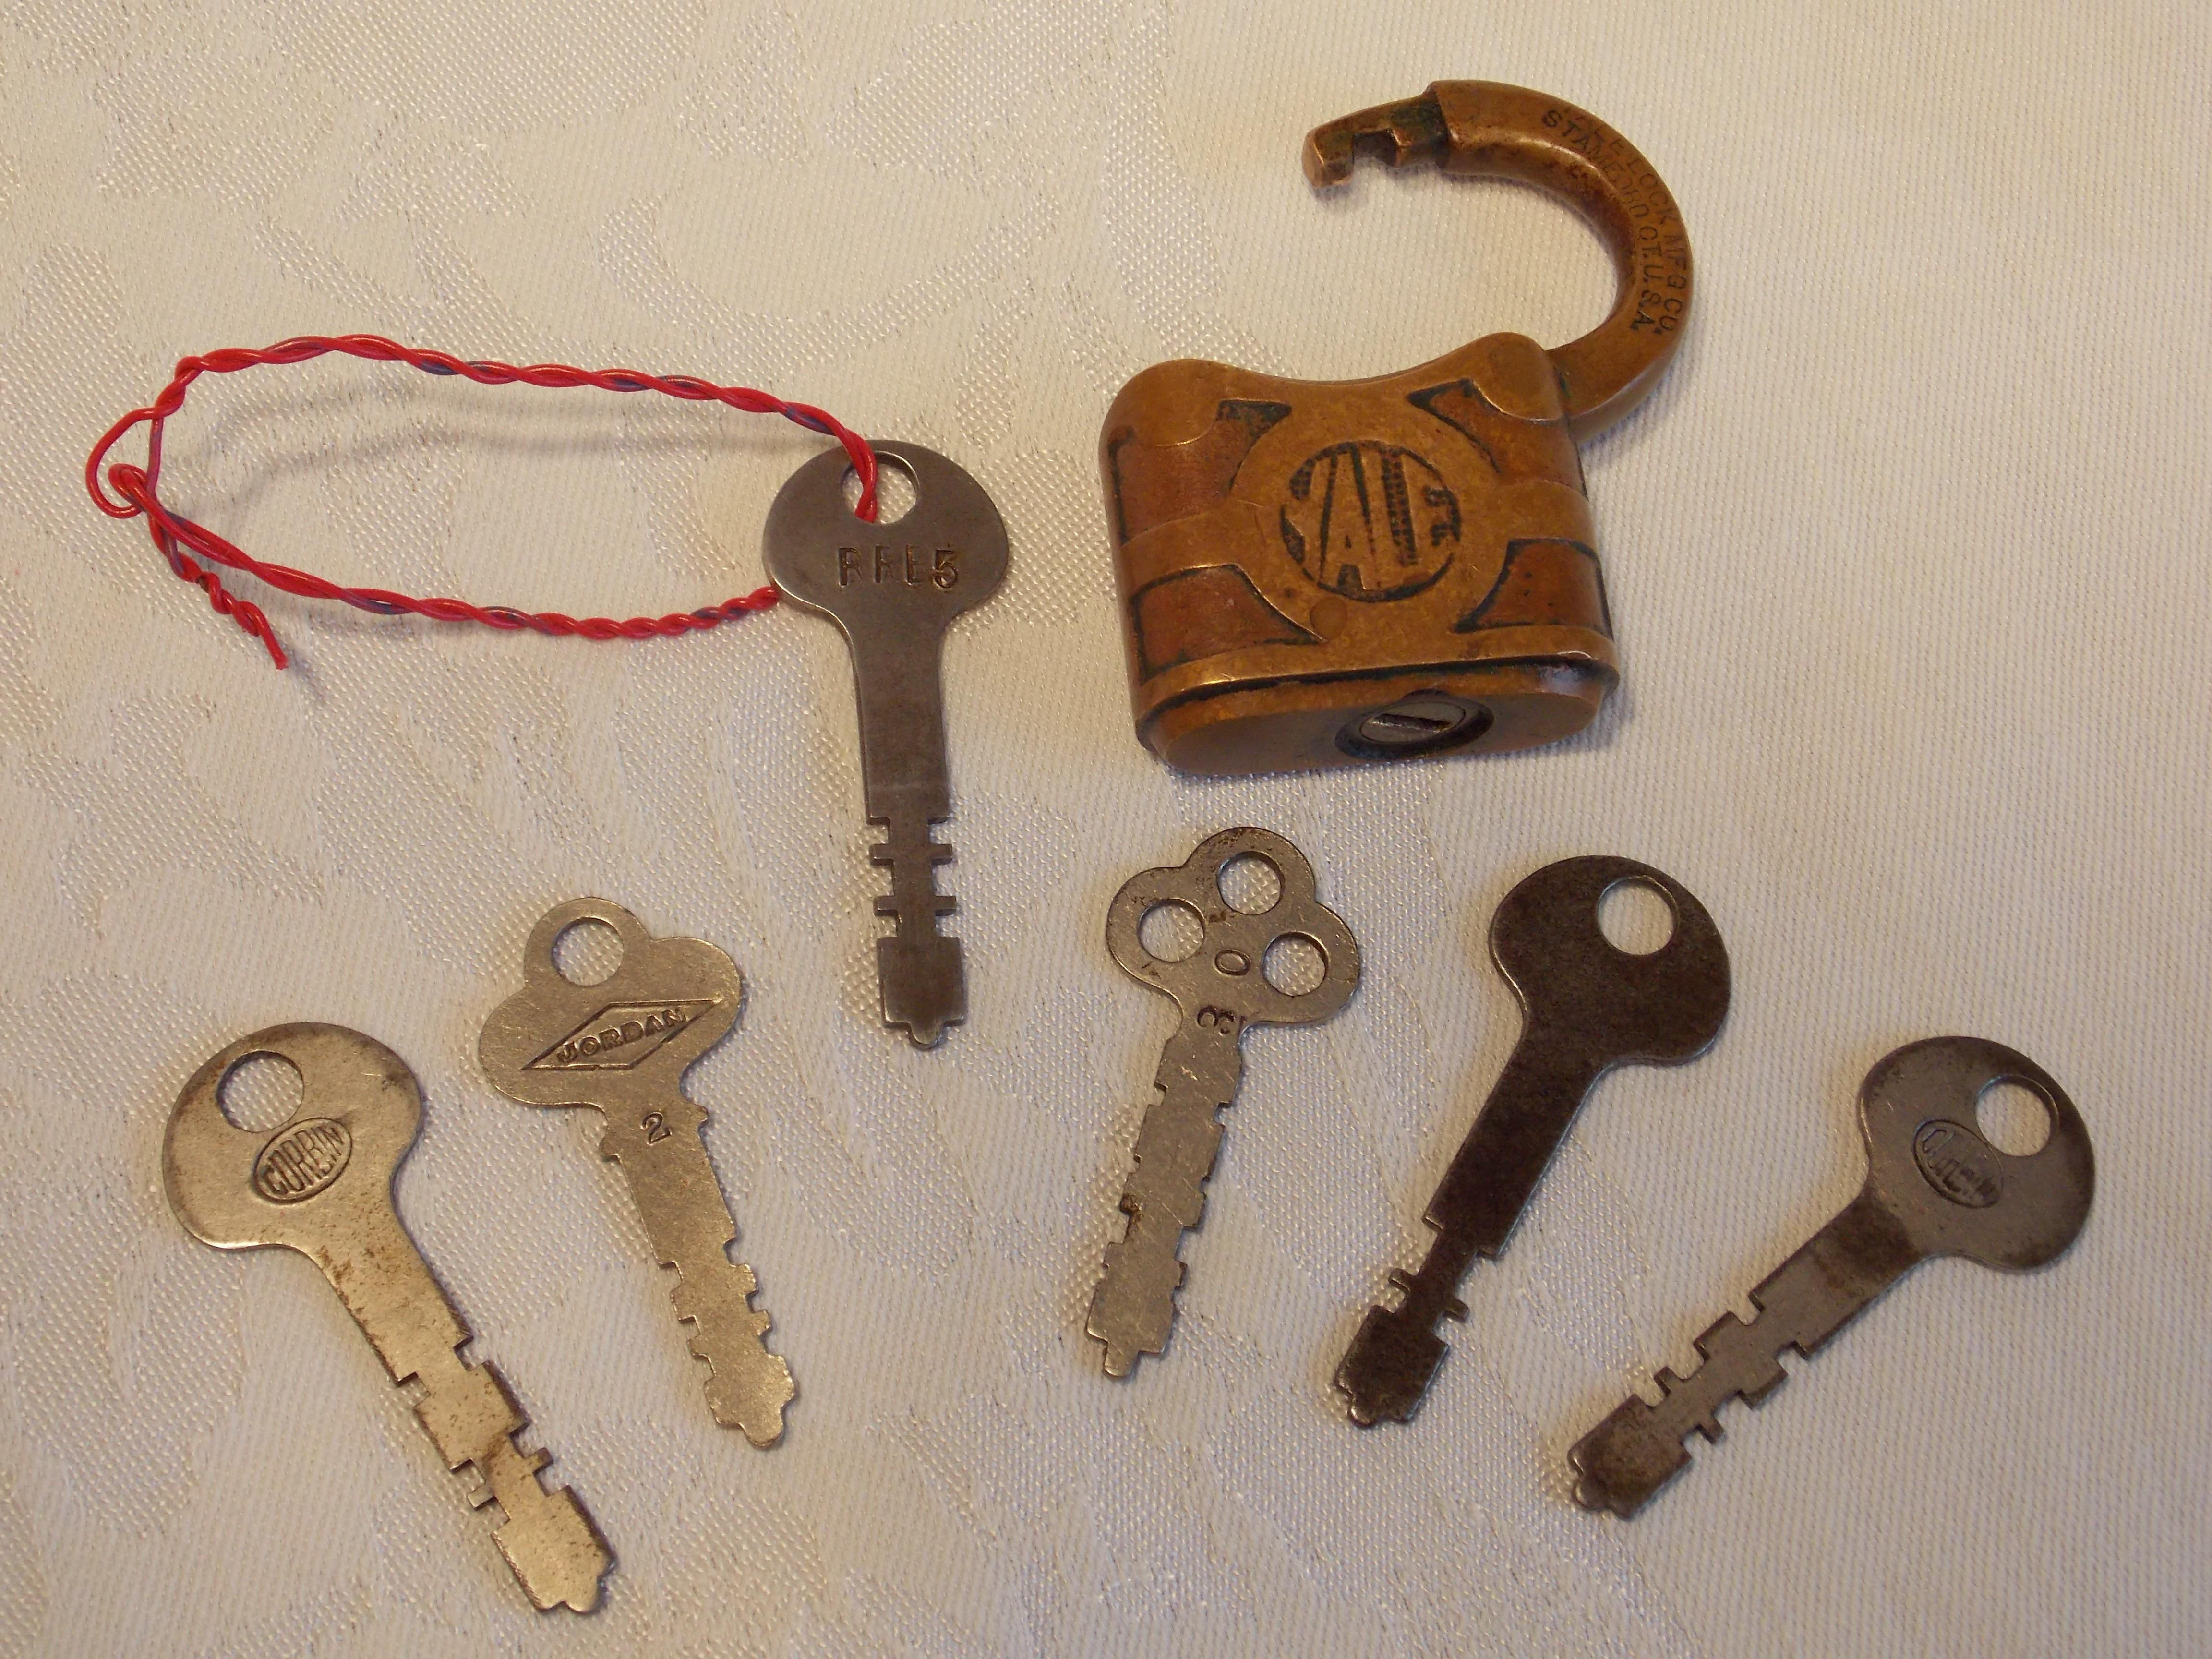 Random Antique Store Keys Open Vintage Locks